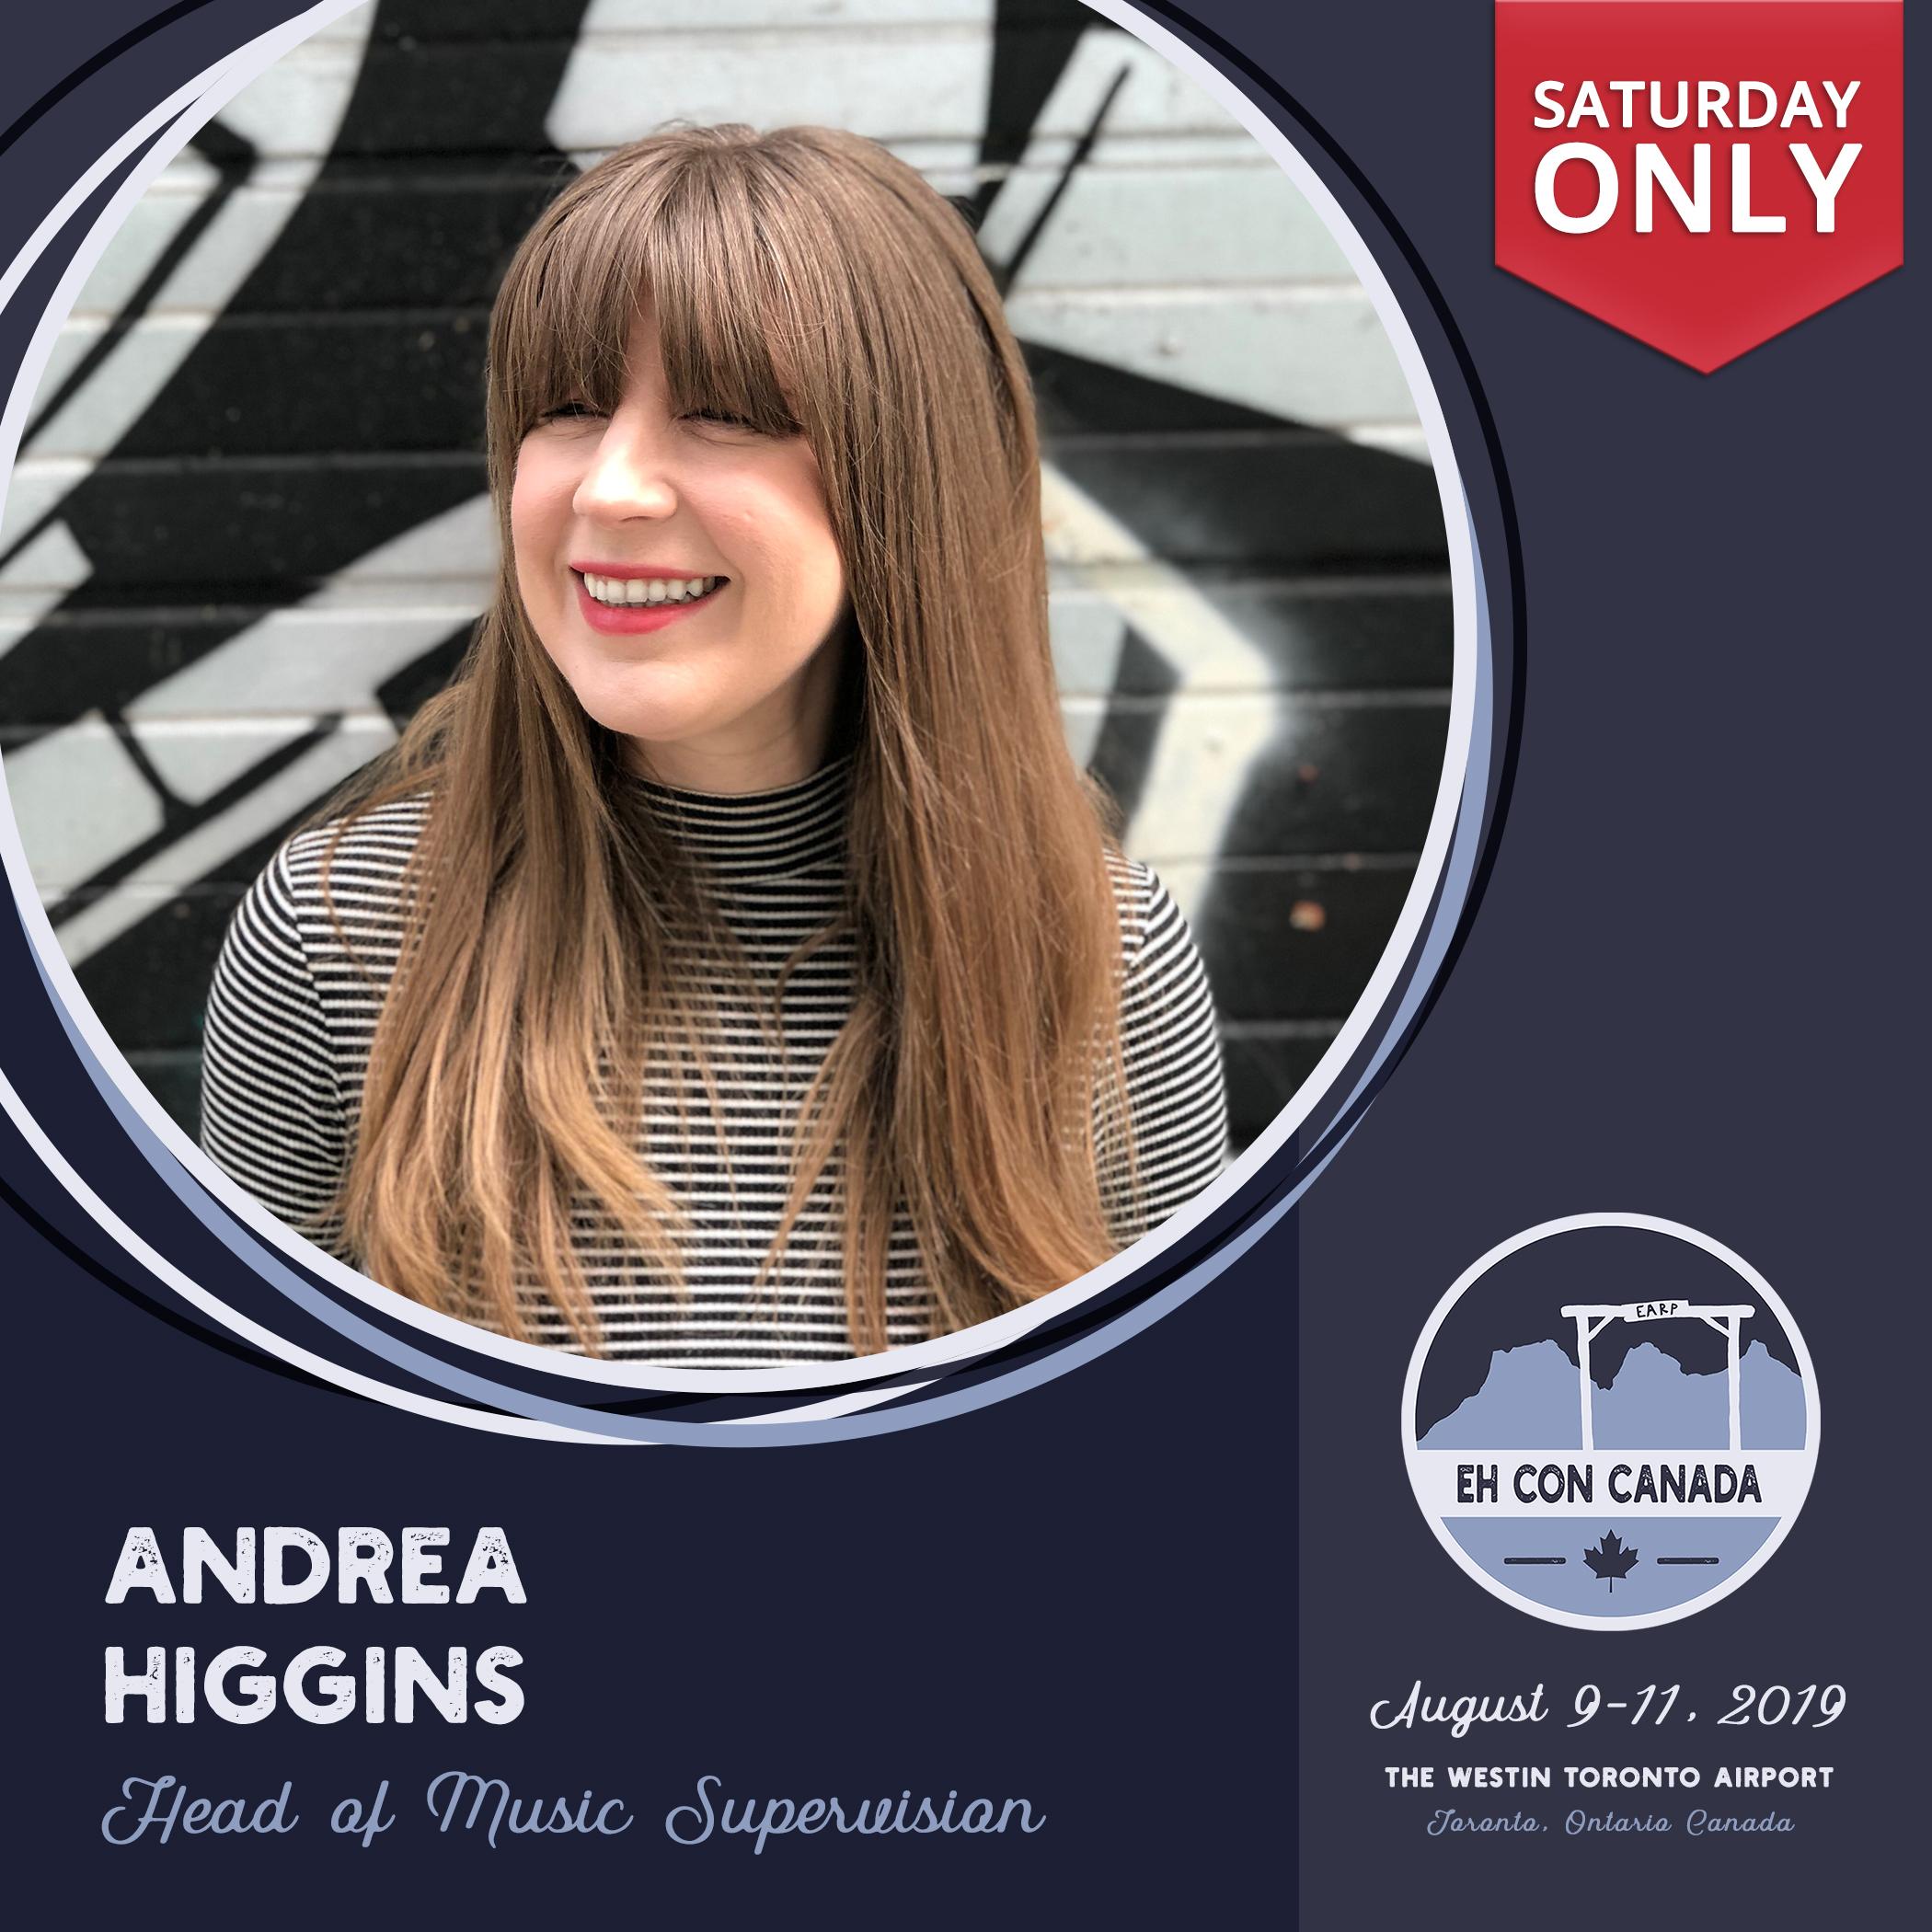 Andrea's Bio